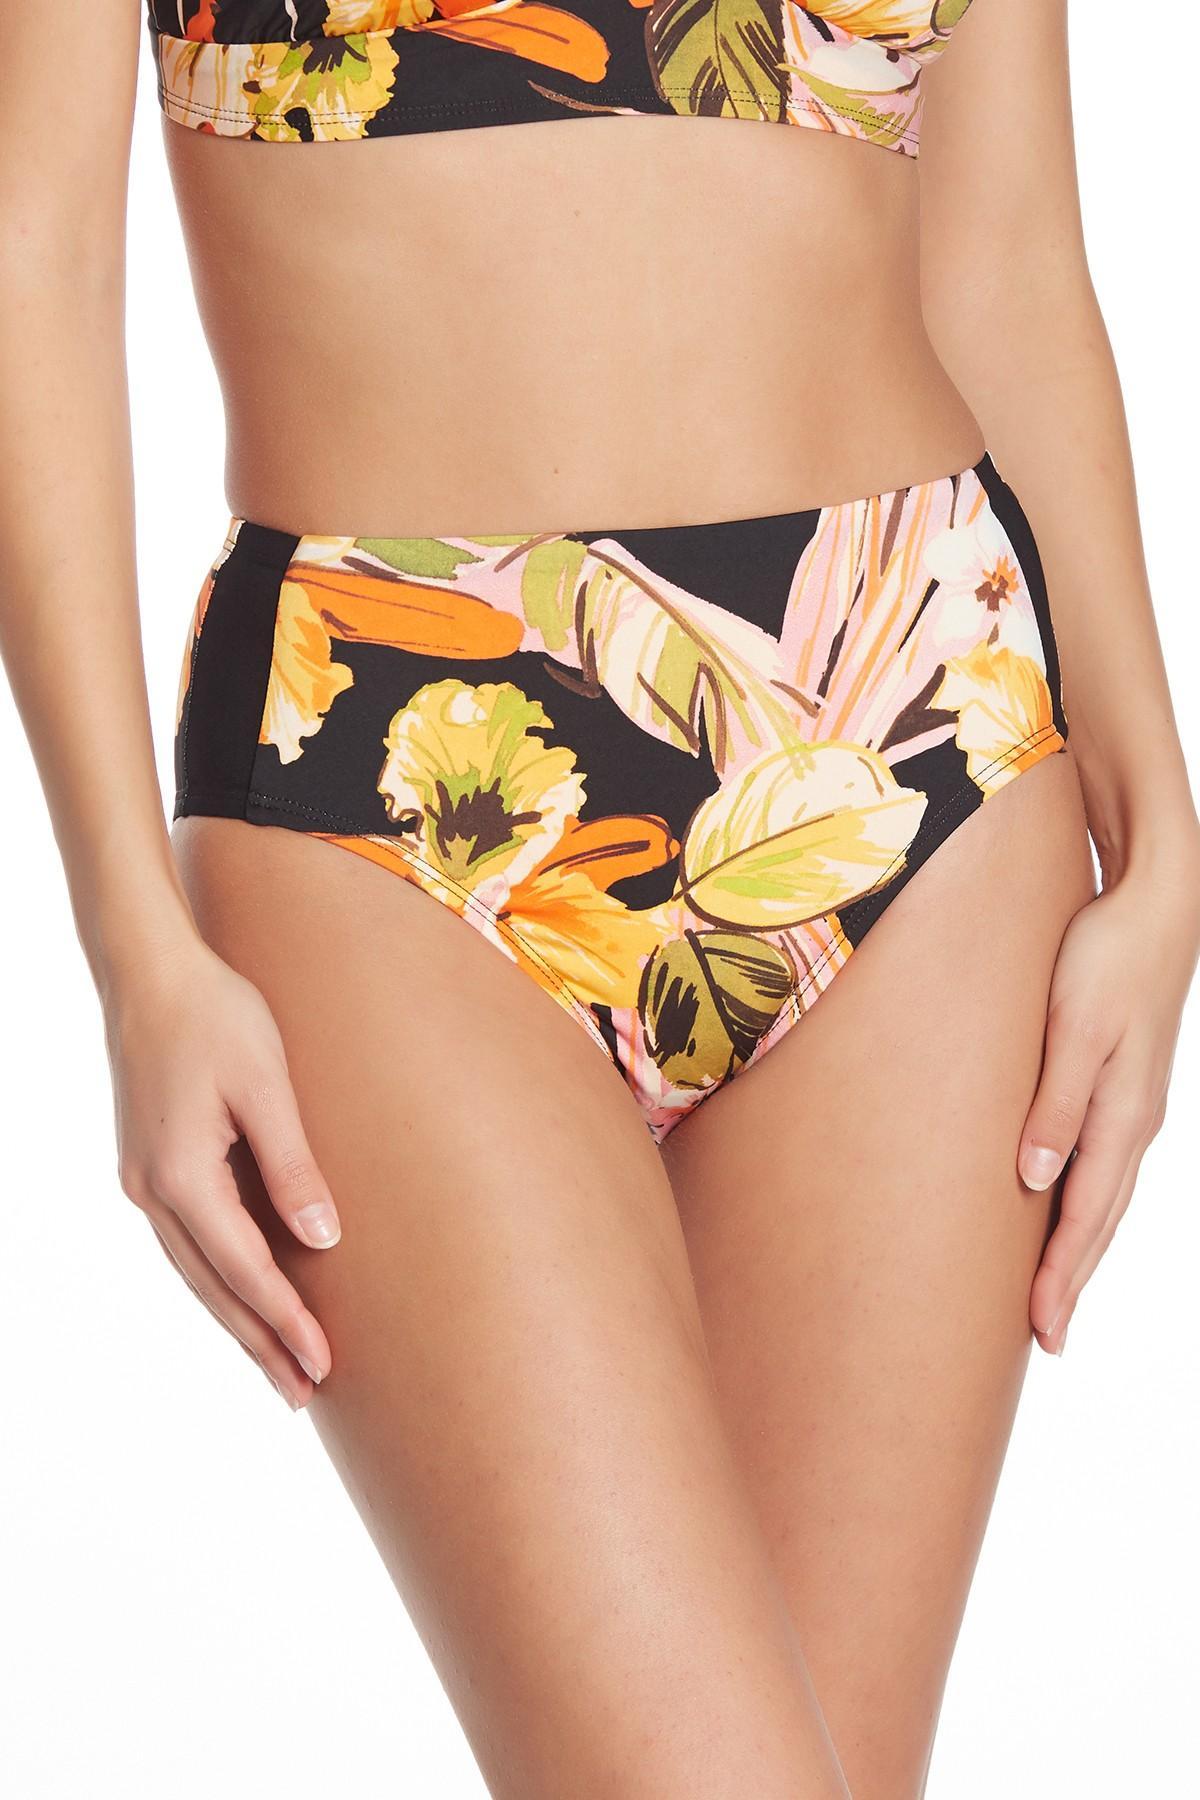 dde5d582c5d49 Lyst - Robin Piccone Mila High Waist Bikini Bottoms in Orange - Save 4%